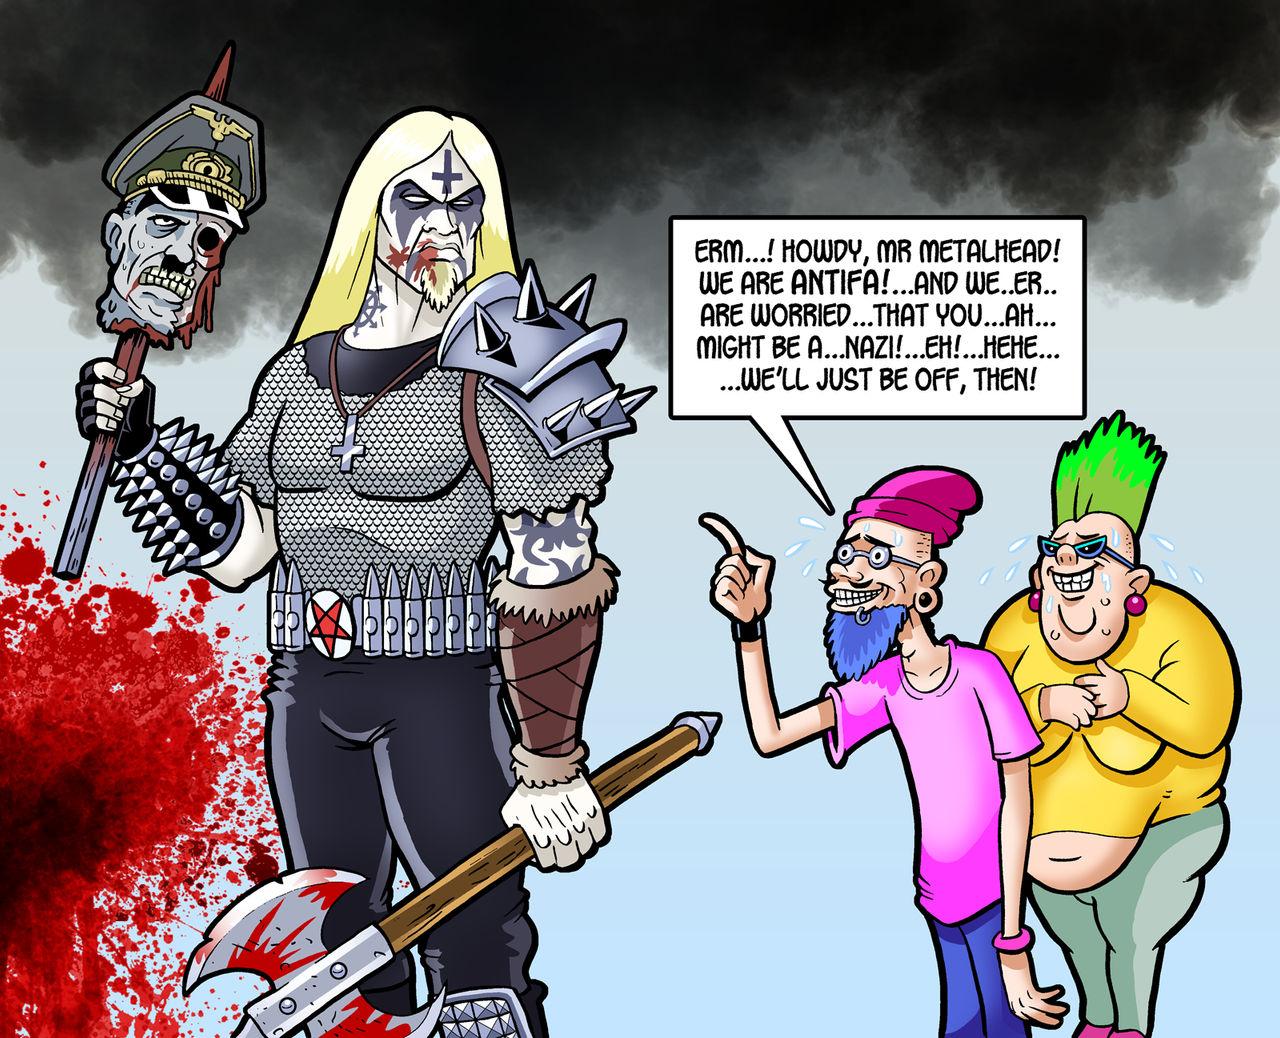 VOX, el nuevo partido fachoide Metal_versus_social_justice_by_curtsibling_db10qby-fullview.jpg?token=eyJ0eXAiOiJKV1QiLCJhbGciOiJIUzI1NiJ9.eyJzdWIiOiJ1cm46YXBwOjdlMGQxODg5ODIyNjQzNzNhNWYwZDQxNWVhMGQyNmUwIiwiaXNzIjoidXJuOmFwcDo3ZTBkMTg4OTgyMjY0MzczYTVmMGQ0MTVlYTBkMjZlMCIsIm9iaiI6W1t7ImhlaWdodCI6Ijw9MTAzOCIsInBhdGgiOiJcL2ZcLzMyNWUyMDRiLWIxNjgtNDlmMS04NjI1LTY0NTRlZmFjMTM4ZlwvZGIxMHFieS1iZDc2ODkwNi02ZGI0LTQ4NTktOWNhZC02MDNkN2QyMzU4NzgucG5nIiwid2lkdGgiOiI8PTEyODAifV1dLCJhdWQiOlsidXJuOnNlcnZpY2U6aW1hZ2Uub3BlcmF0aW9ucyJdfQ